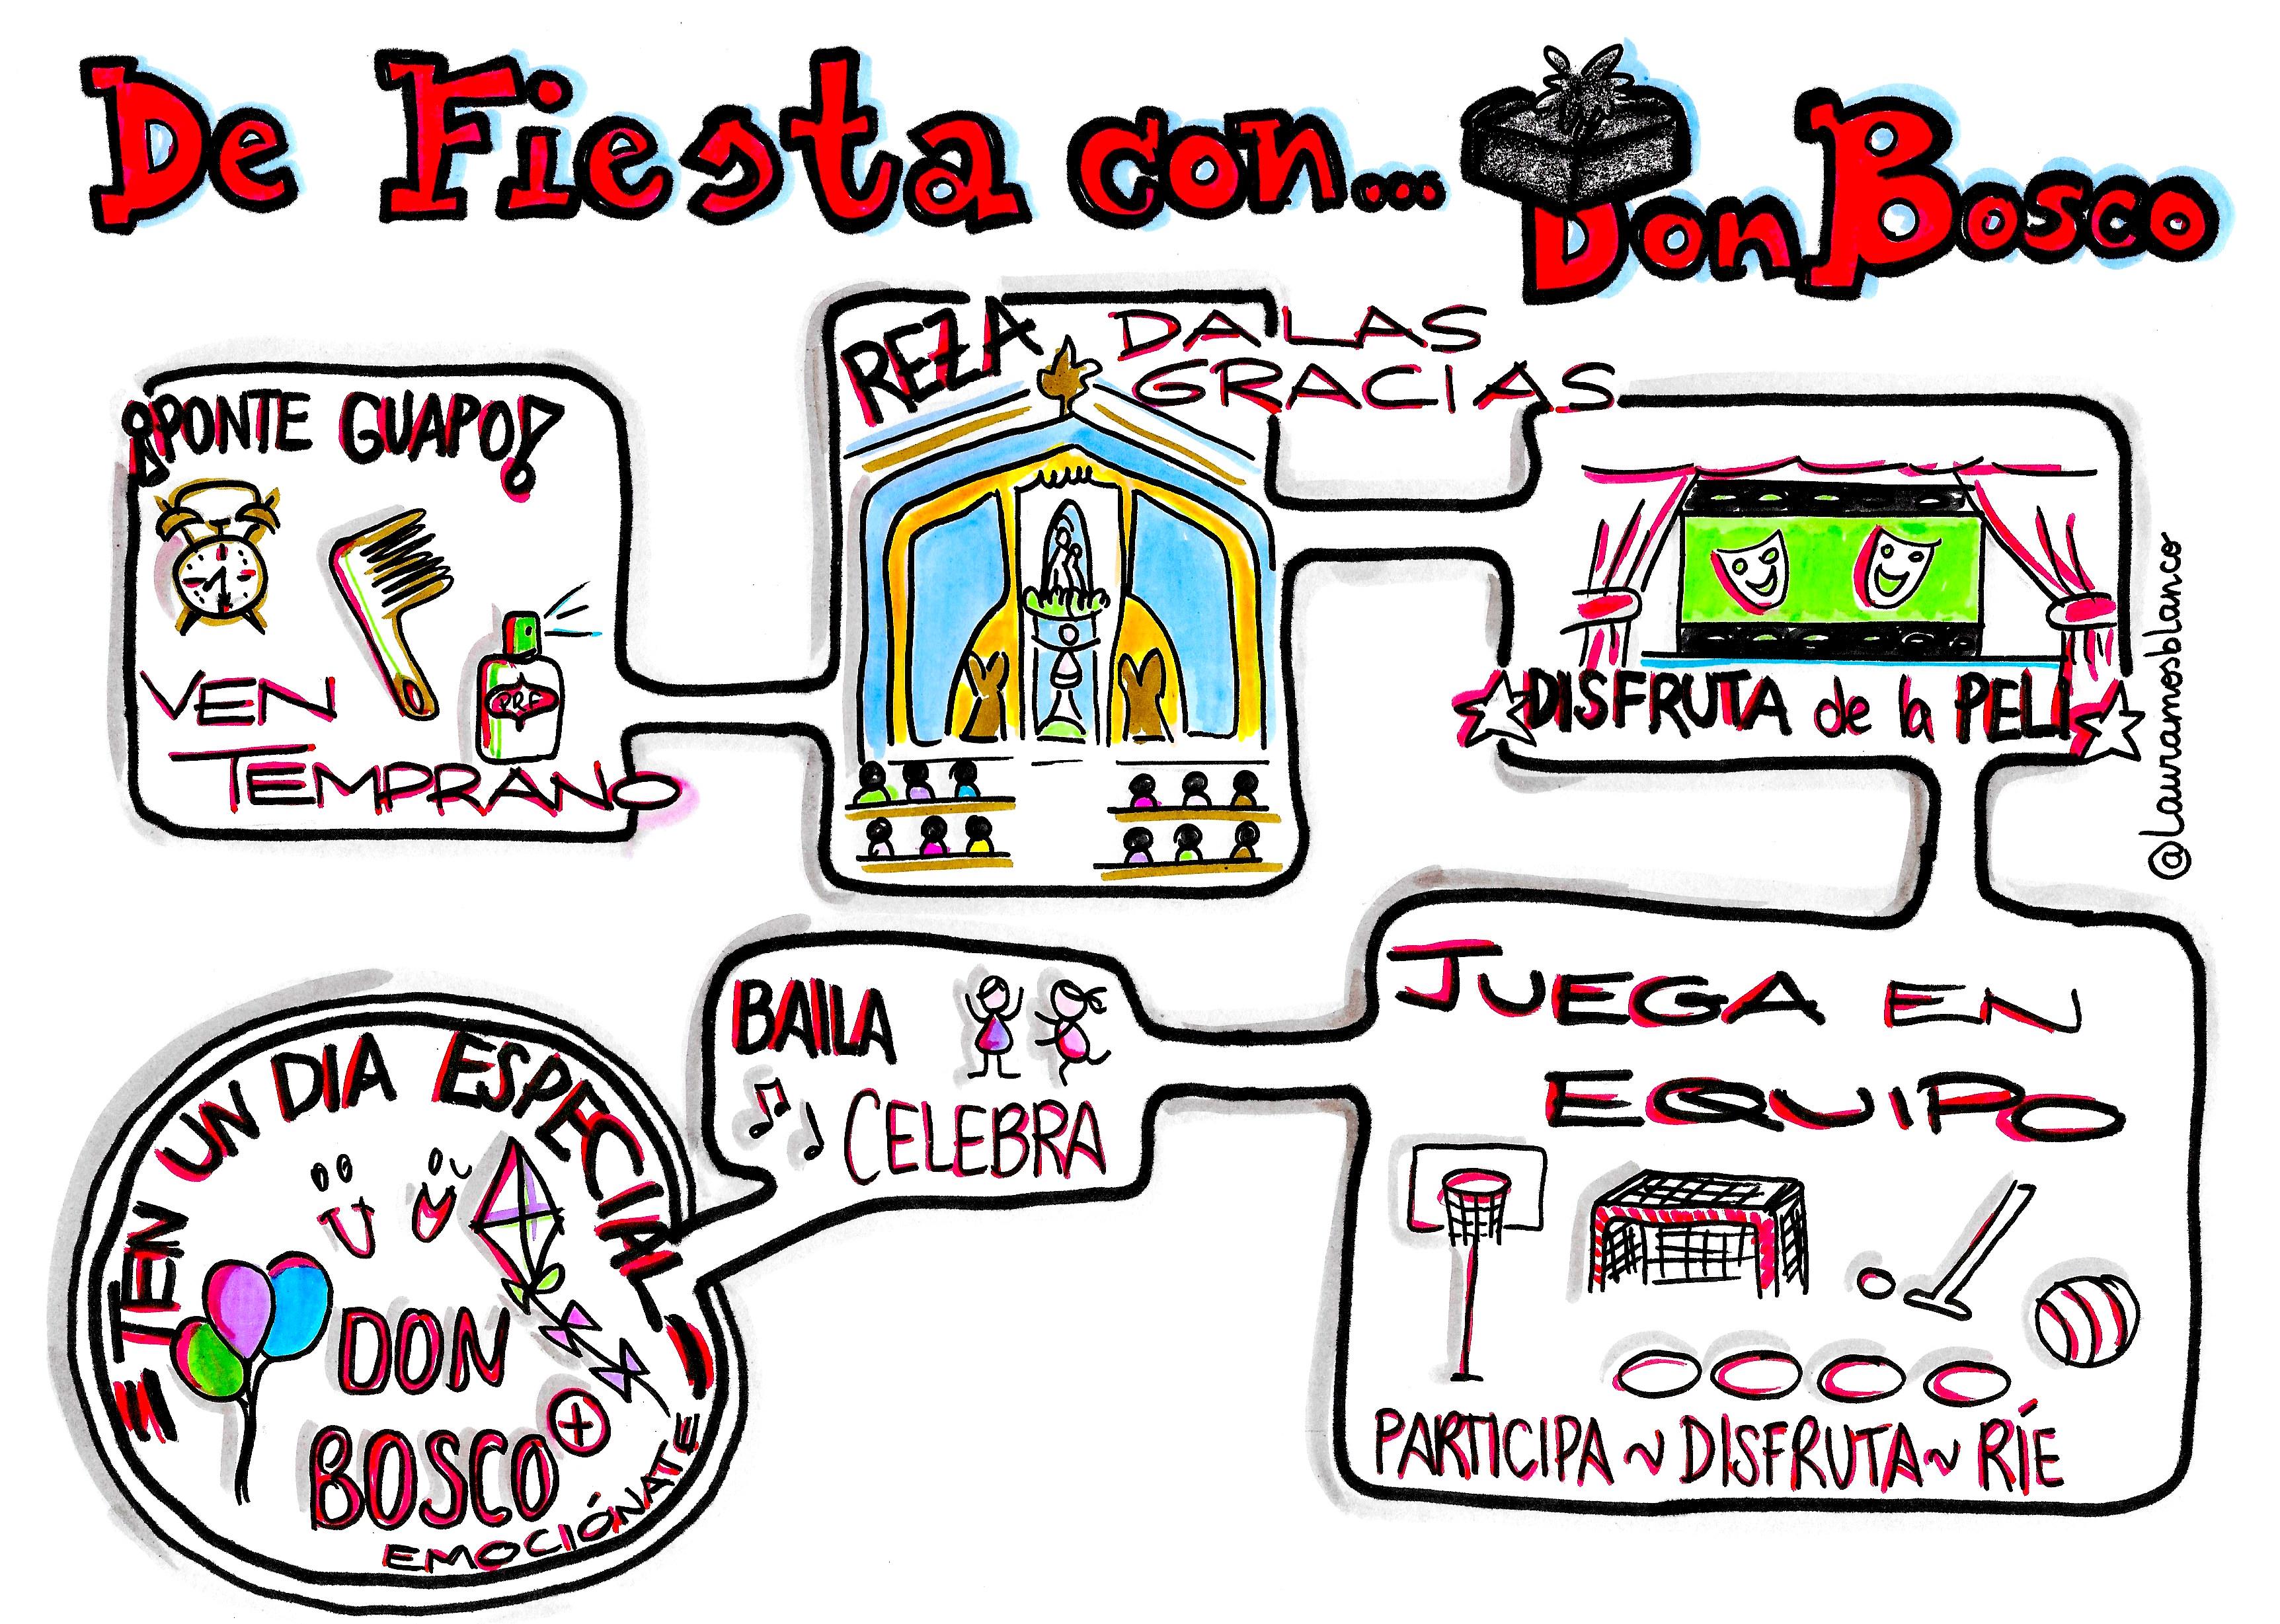 De Fiesta con Don Bosco